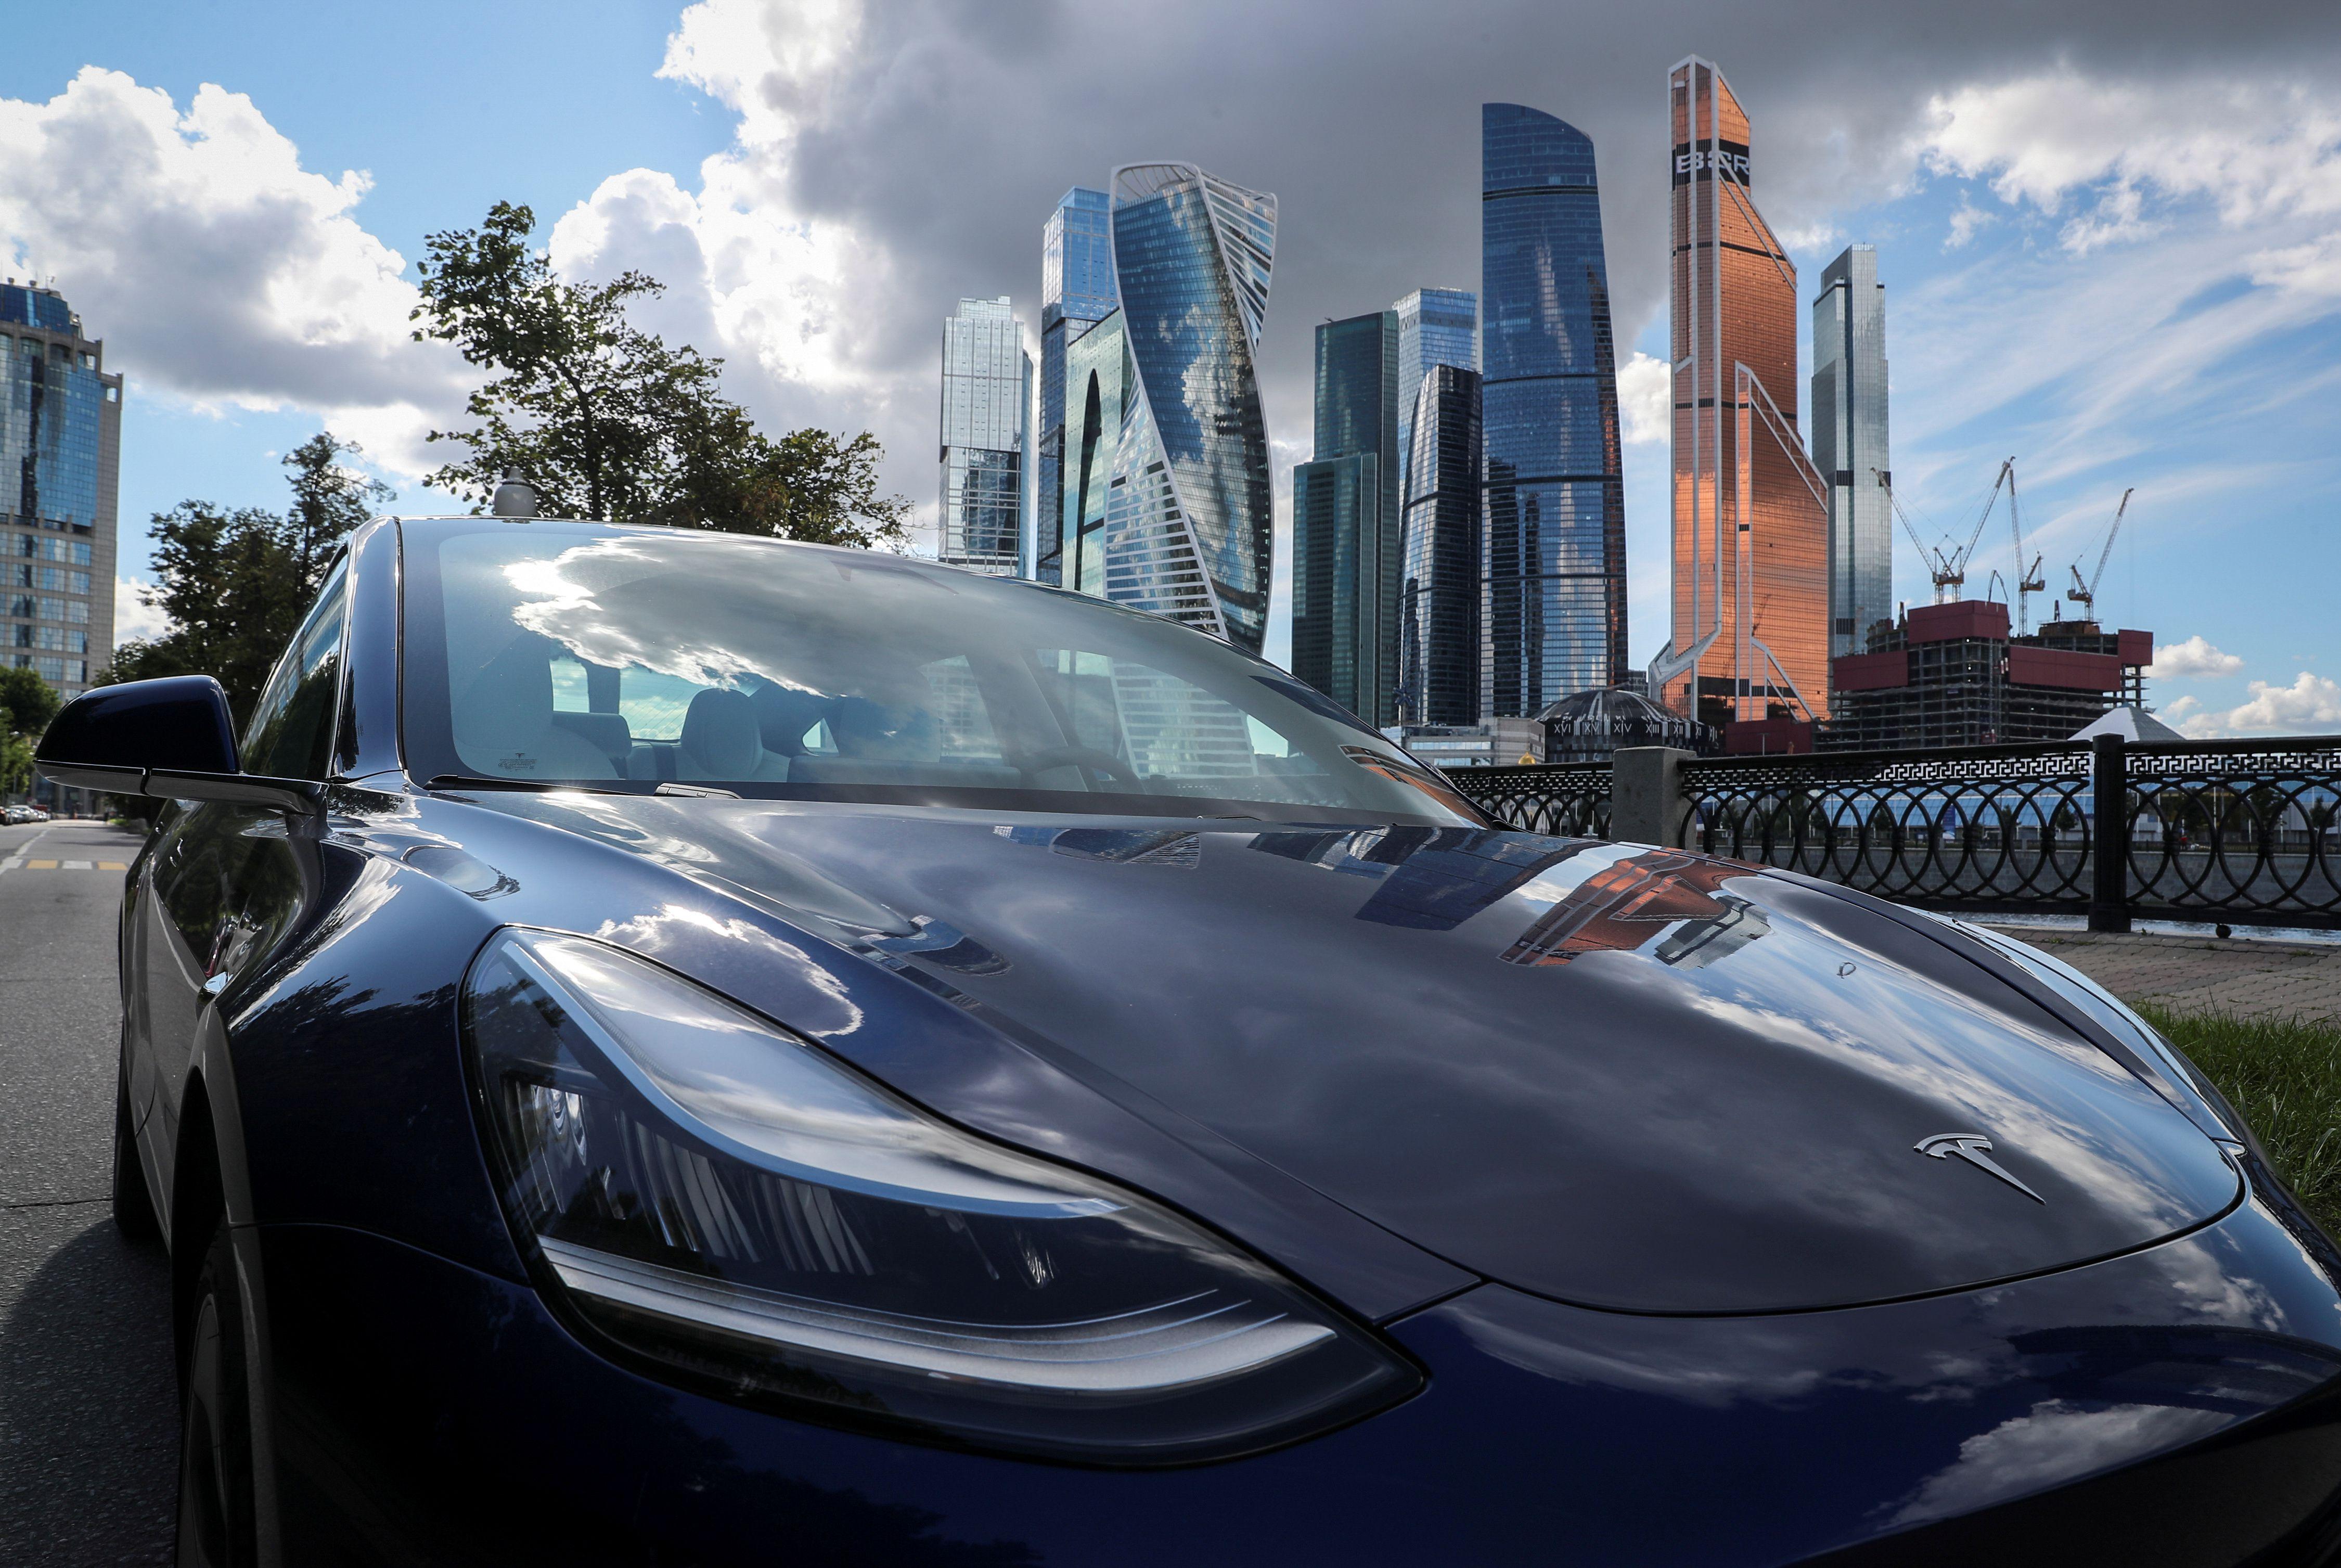 El vehículo eléctrico de Tesla, Model 3, contará con un sistema de monitoreo del conductor a través de las cámaras del auto (REUTERS/Evgenia Novozhenina)